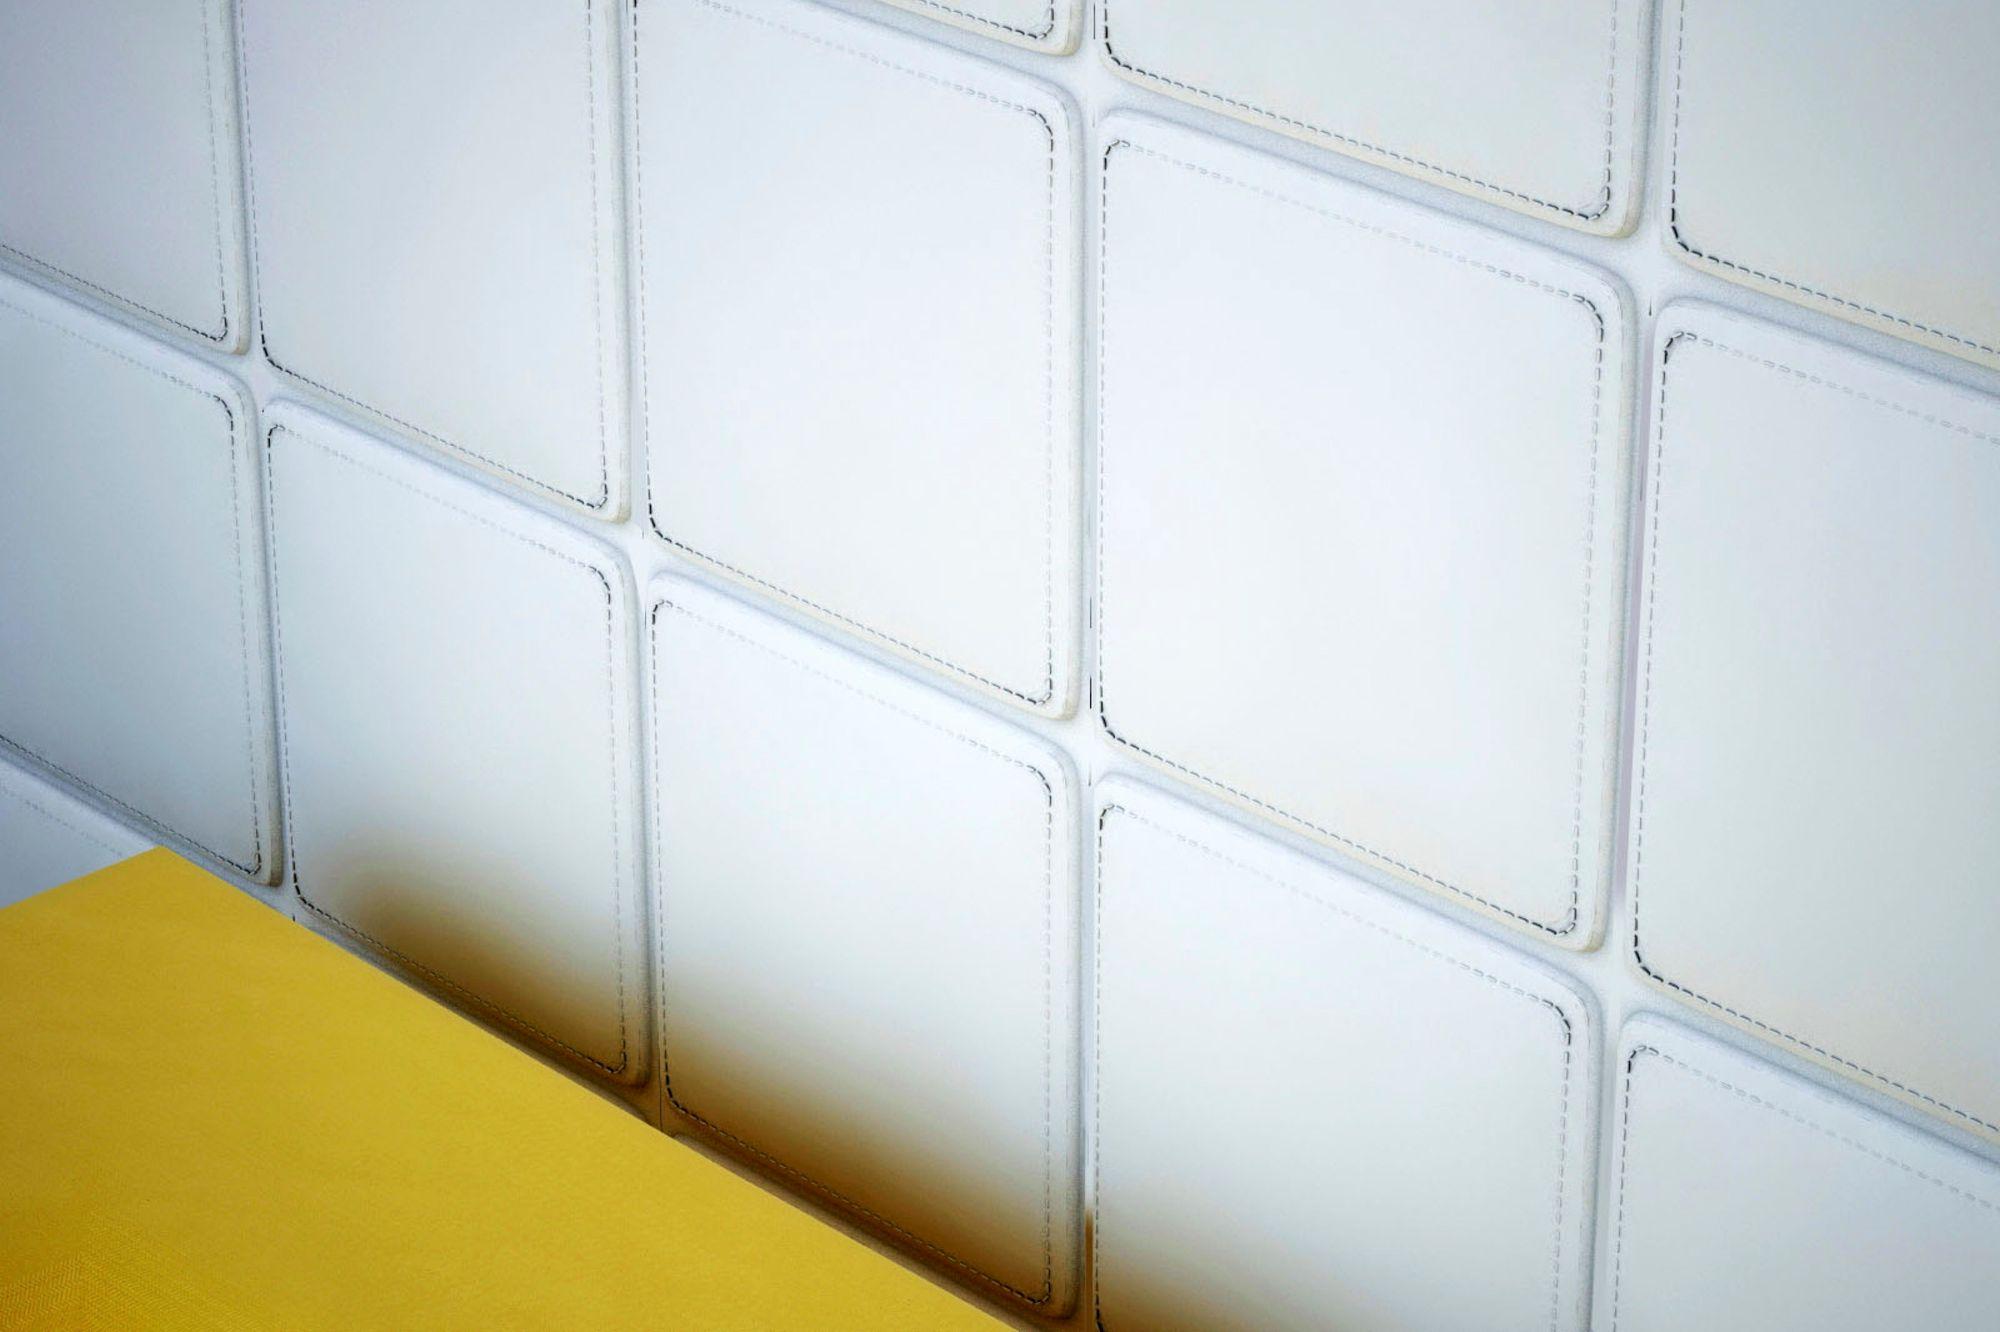 1 Platte 3D Paneele Wandpaneele Wandplatte Stuck Dekor Stoßfest 30x30cm,  W321